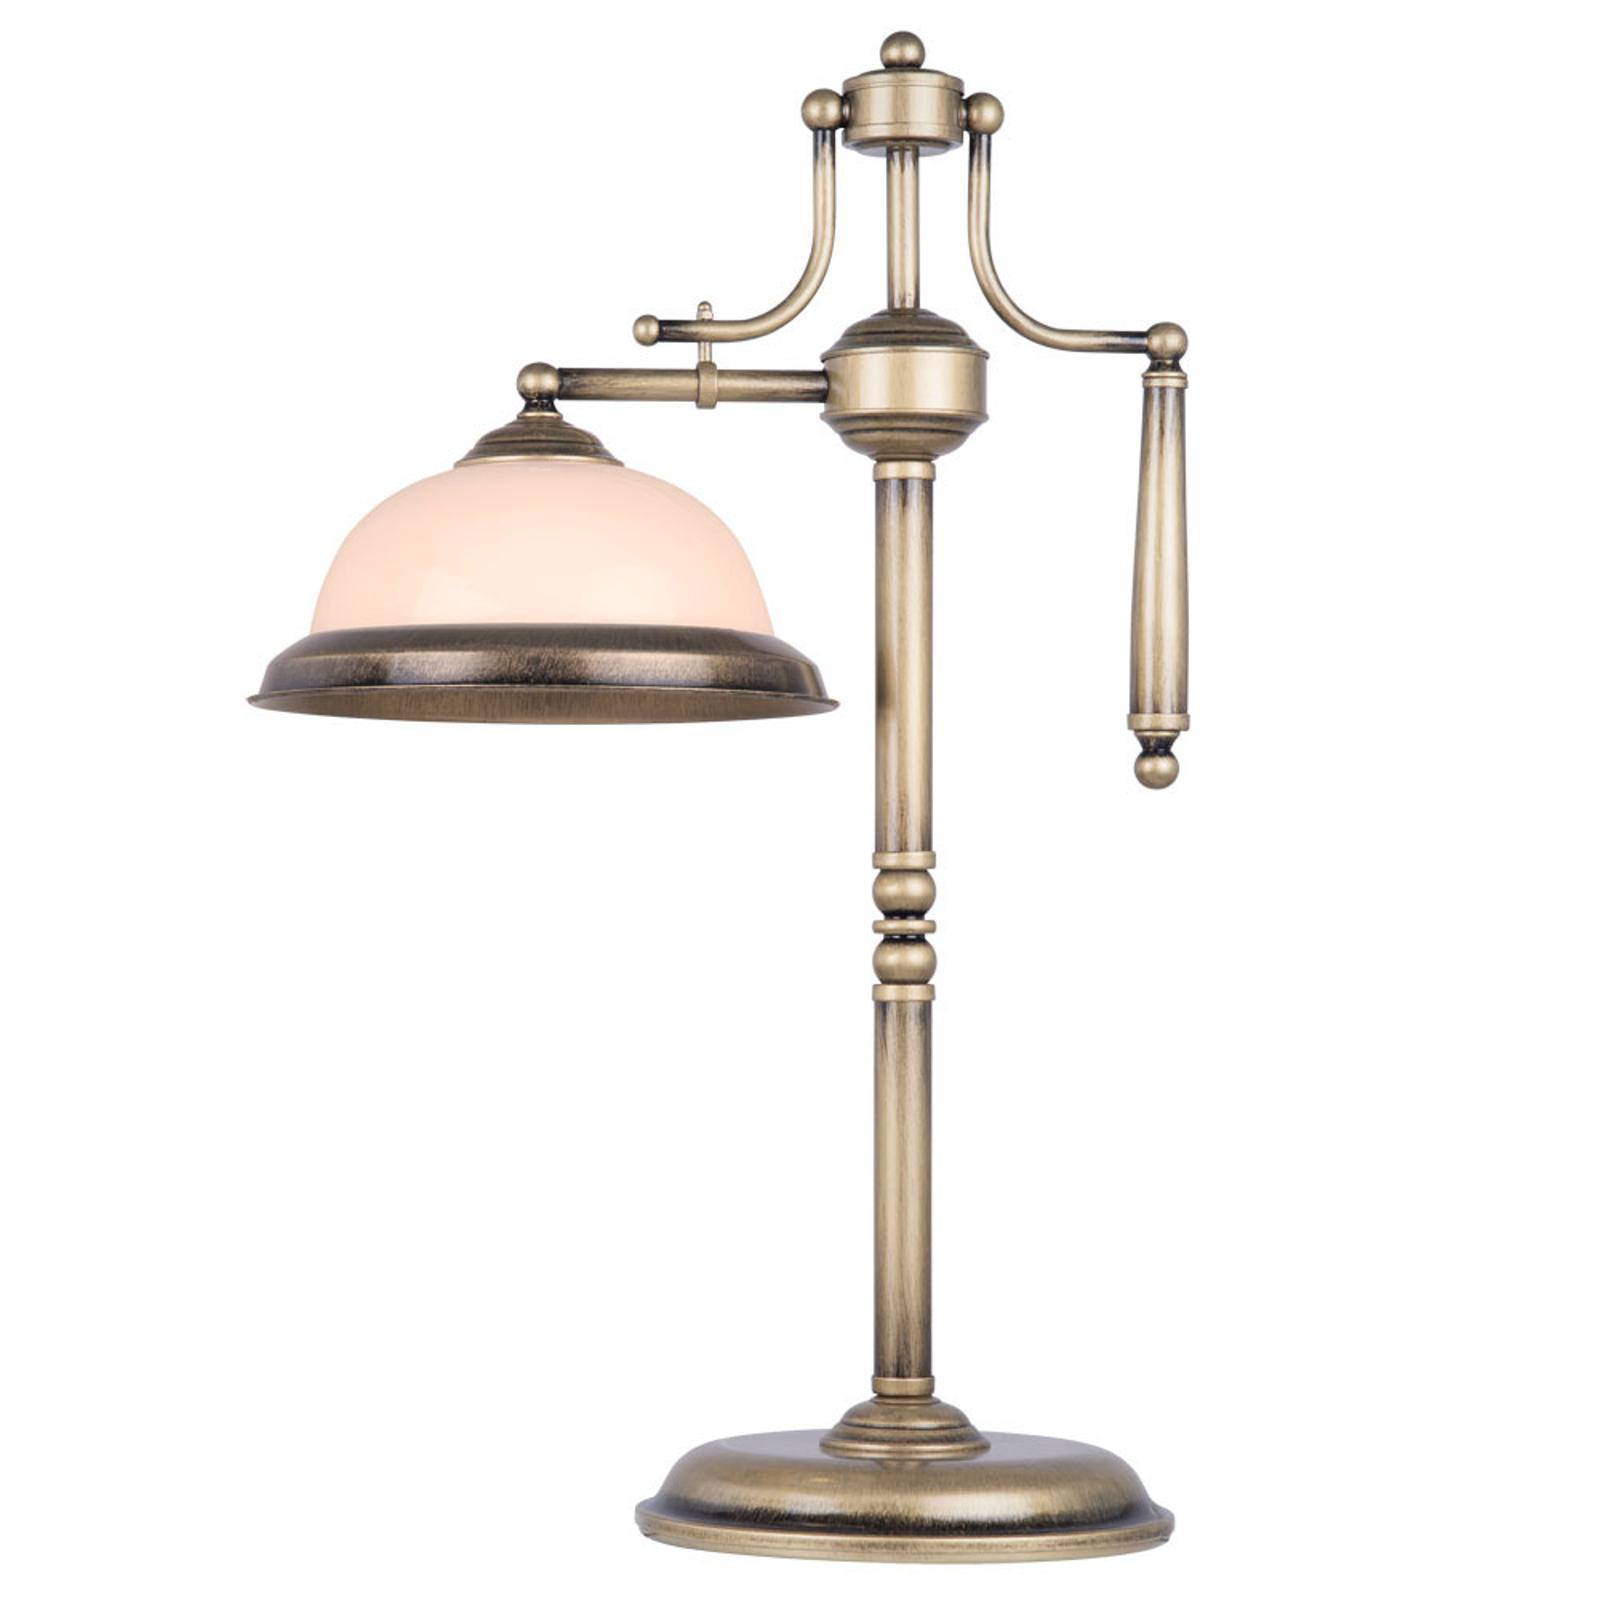 Bordlampe Torio i antikt design, høyde 65 cm